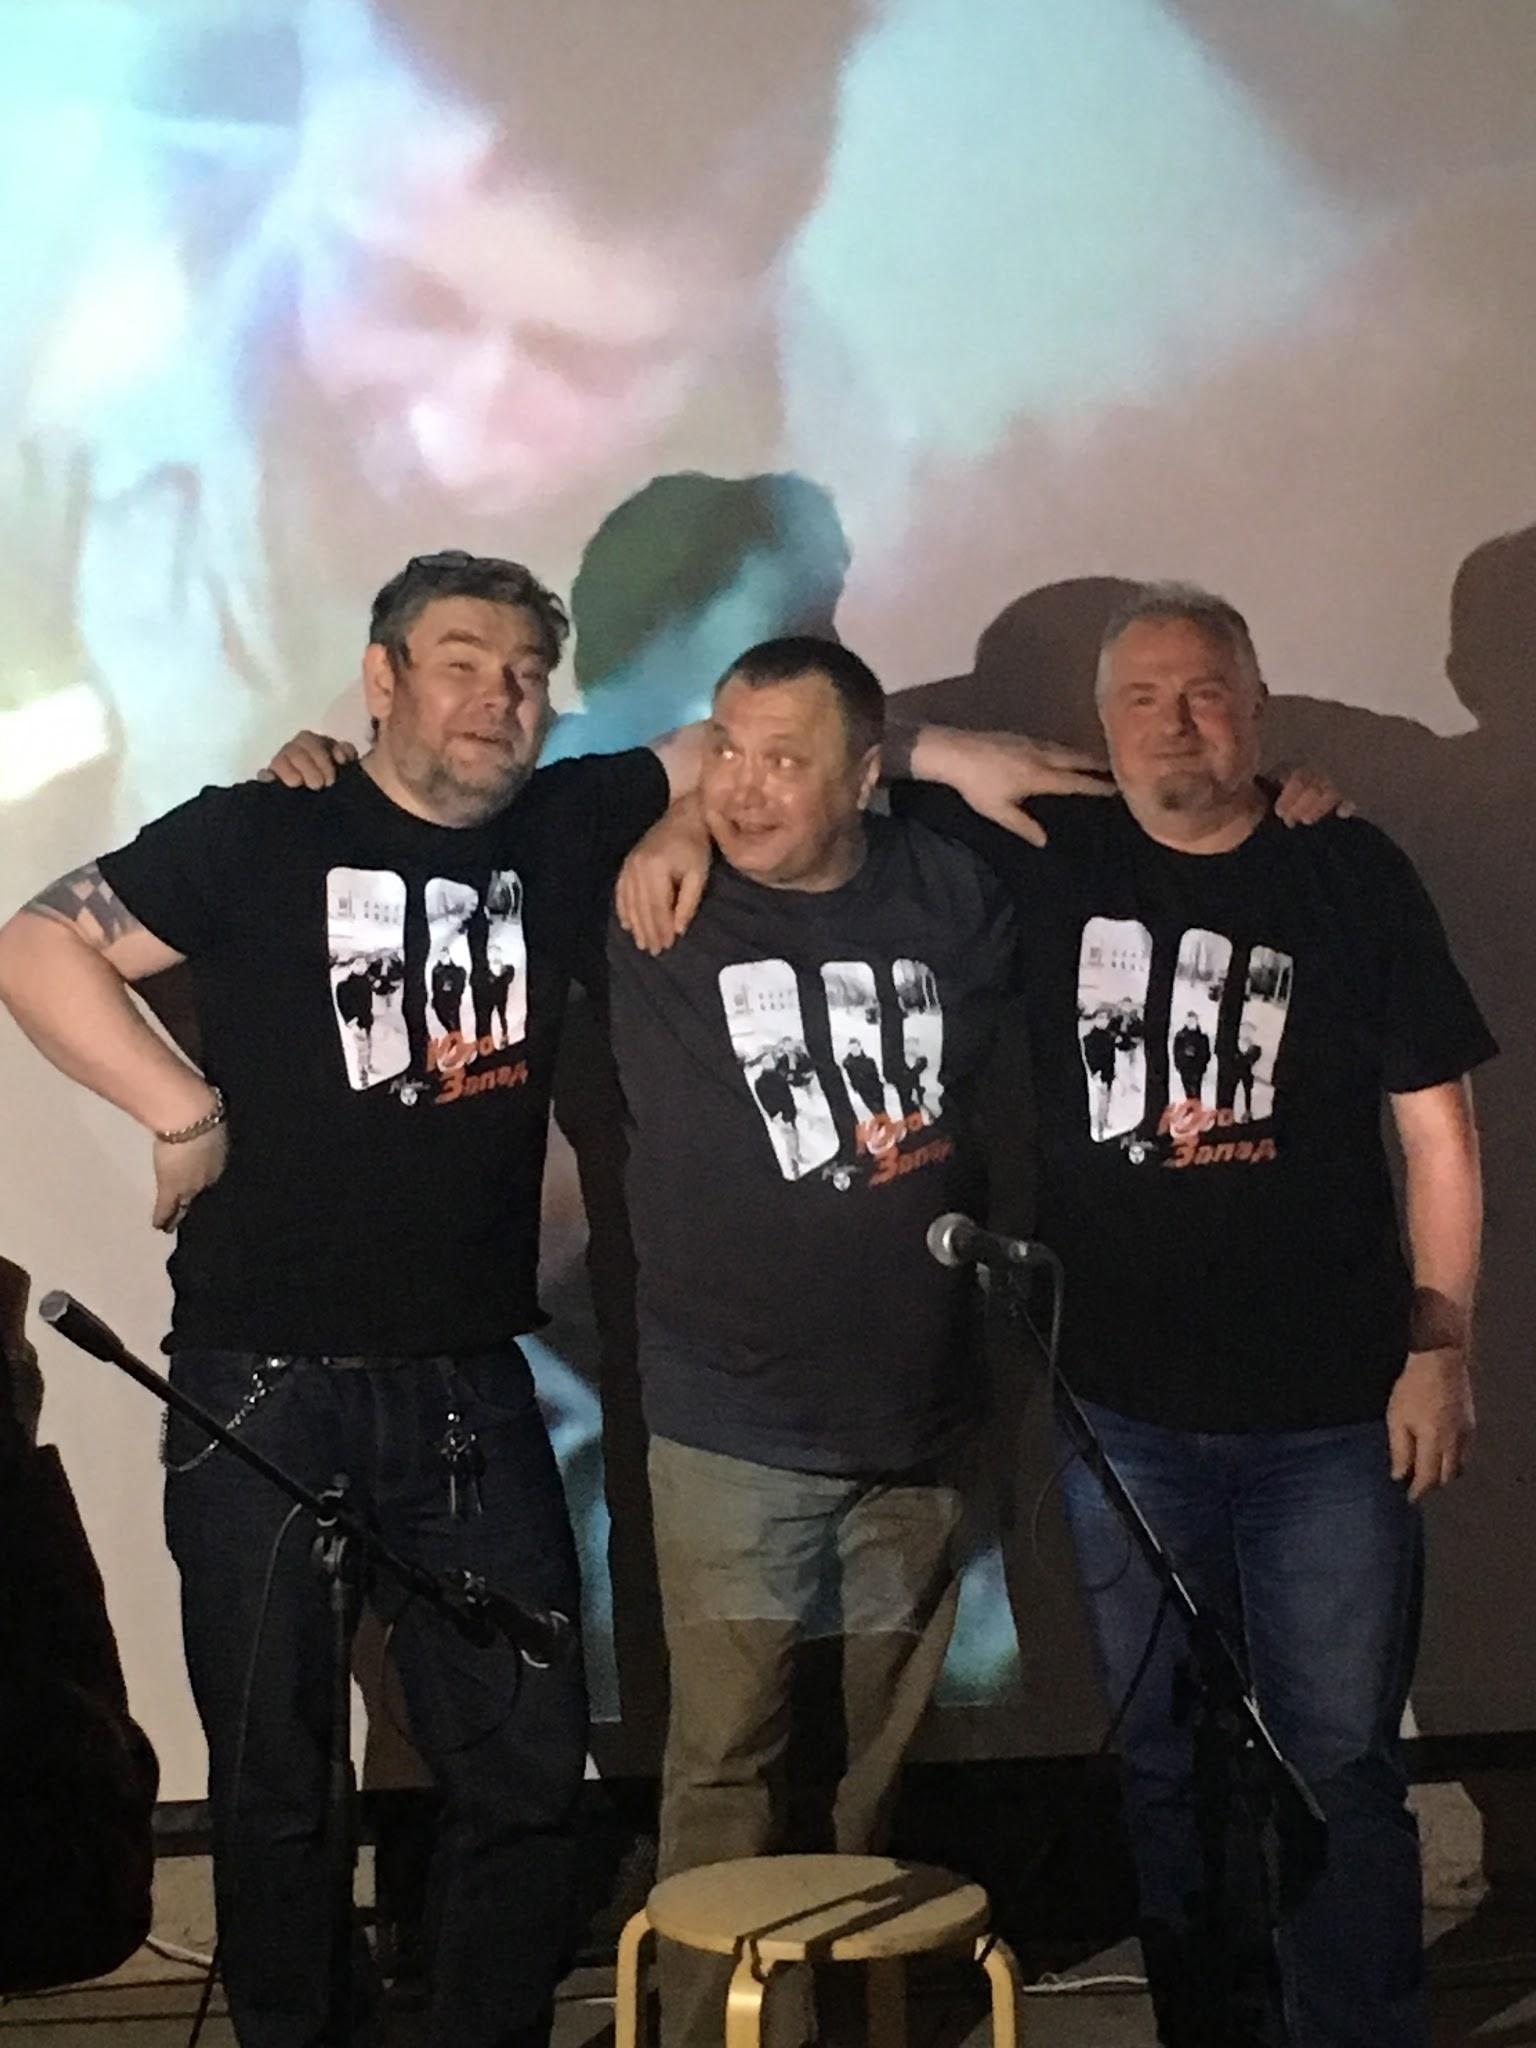 Юго-Запад — Концерт в баре «О, Спорт! 2.0» 2018.04.22, Санкт-Петербург